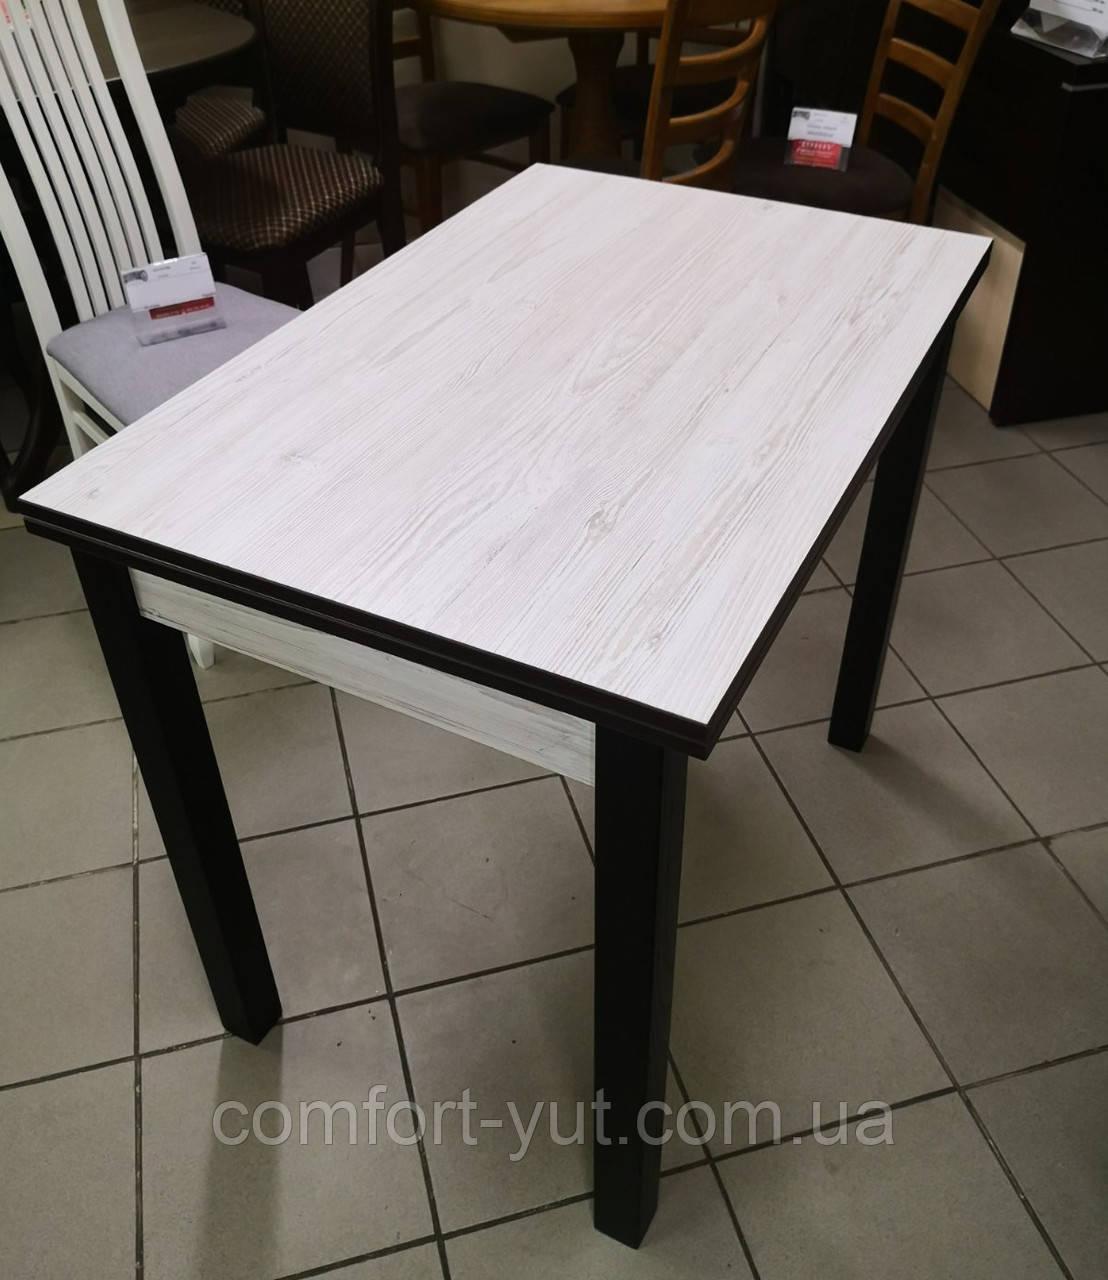 Стіл кухонний розкладний обідній Прага аляска -венге 90*60(120)*75см